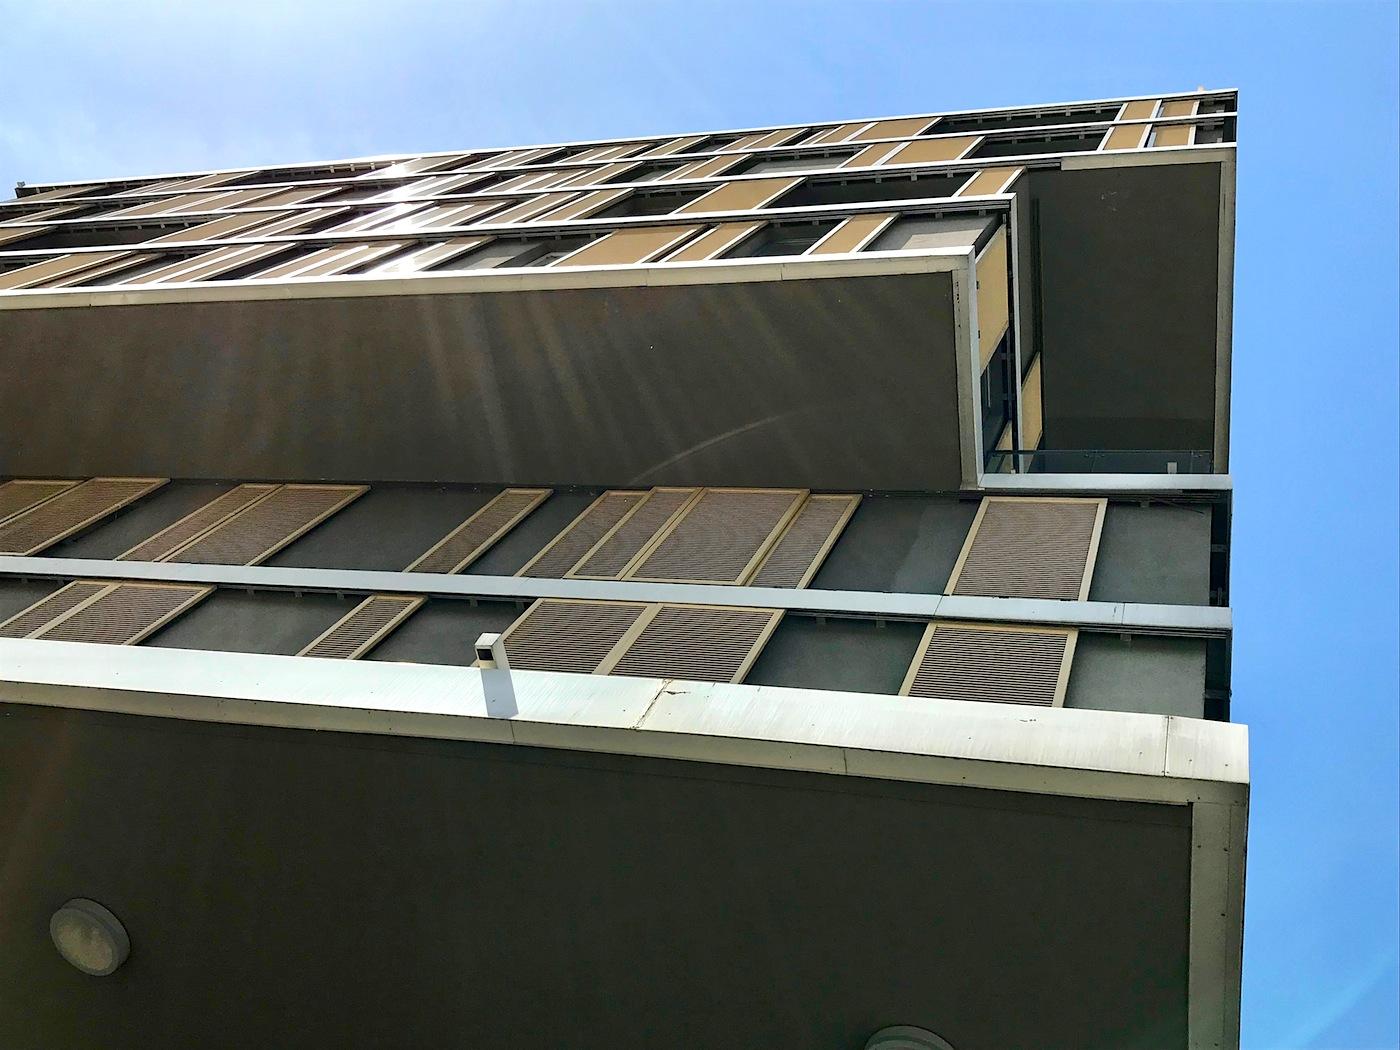 Nova Gorica. Wohnhaus von Ravikar Potokar, 2010